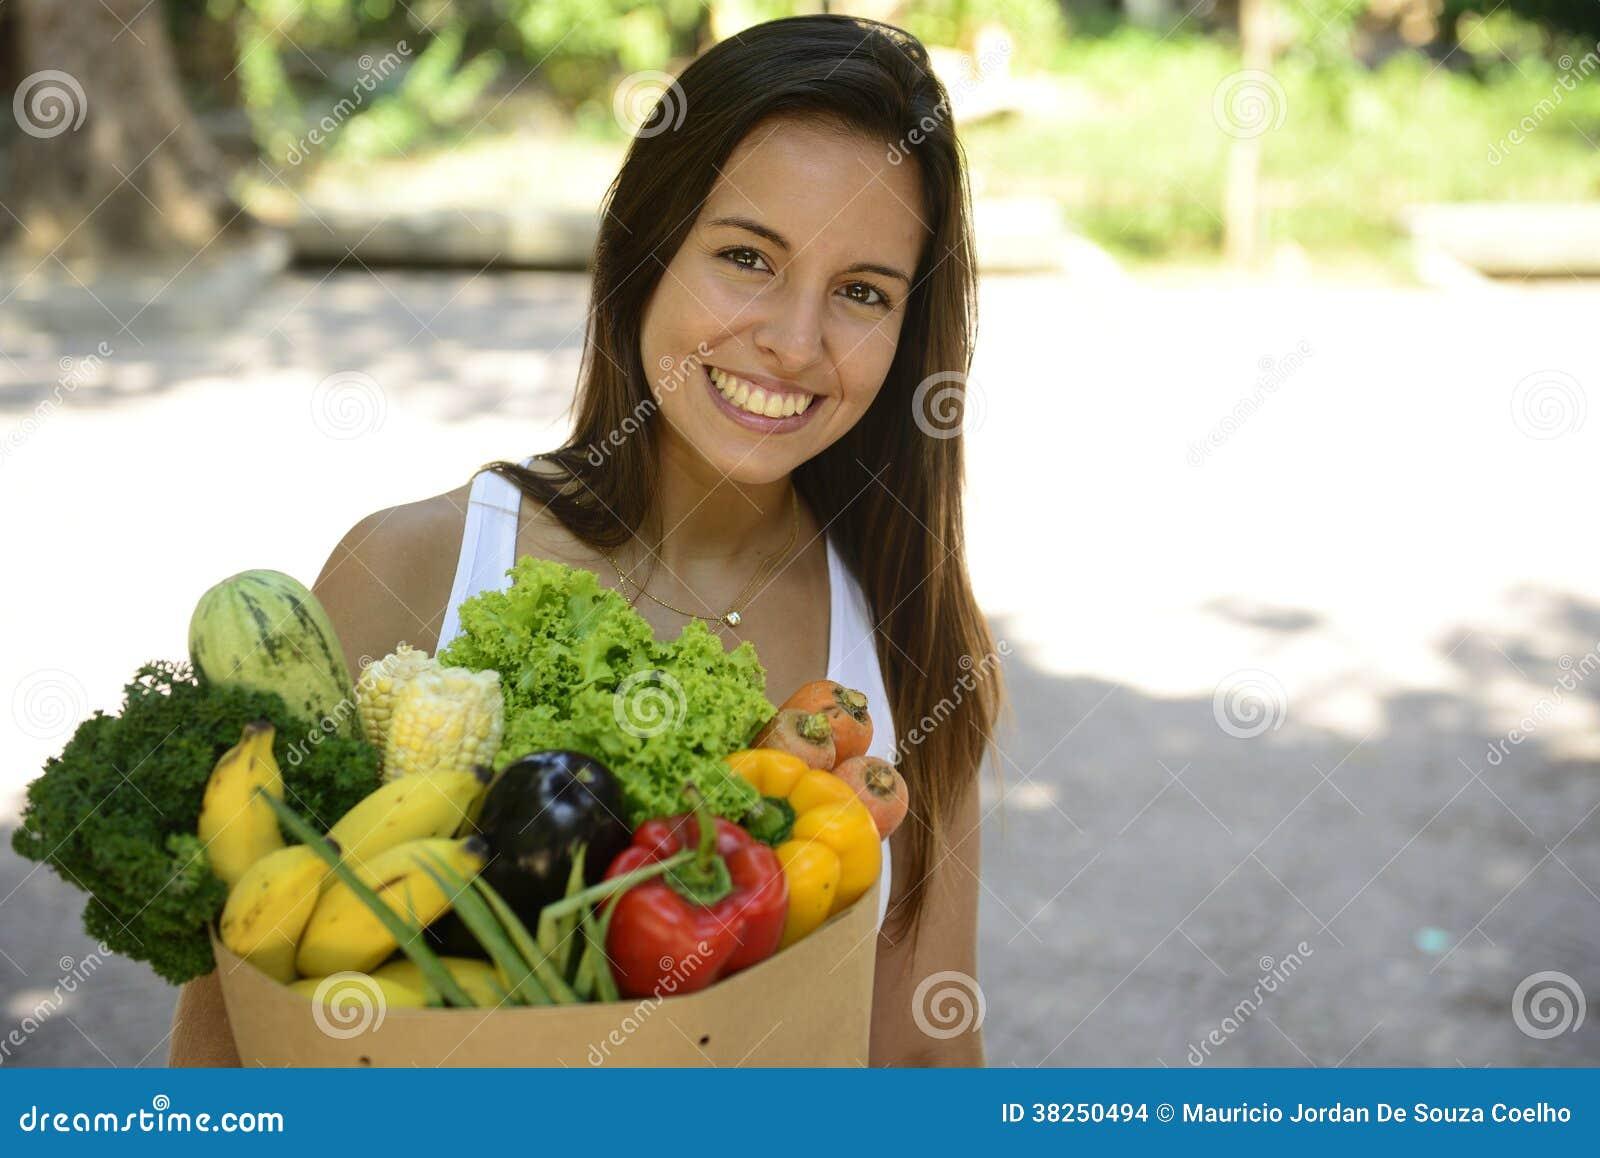 拿着与有机或生物蔬菜和水果的妇女购物的纸袋。